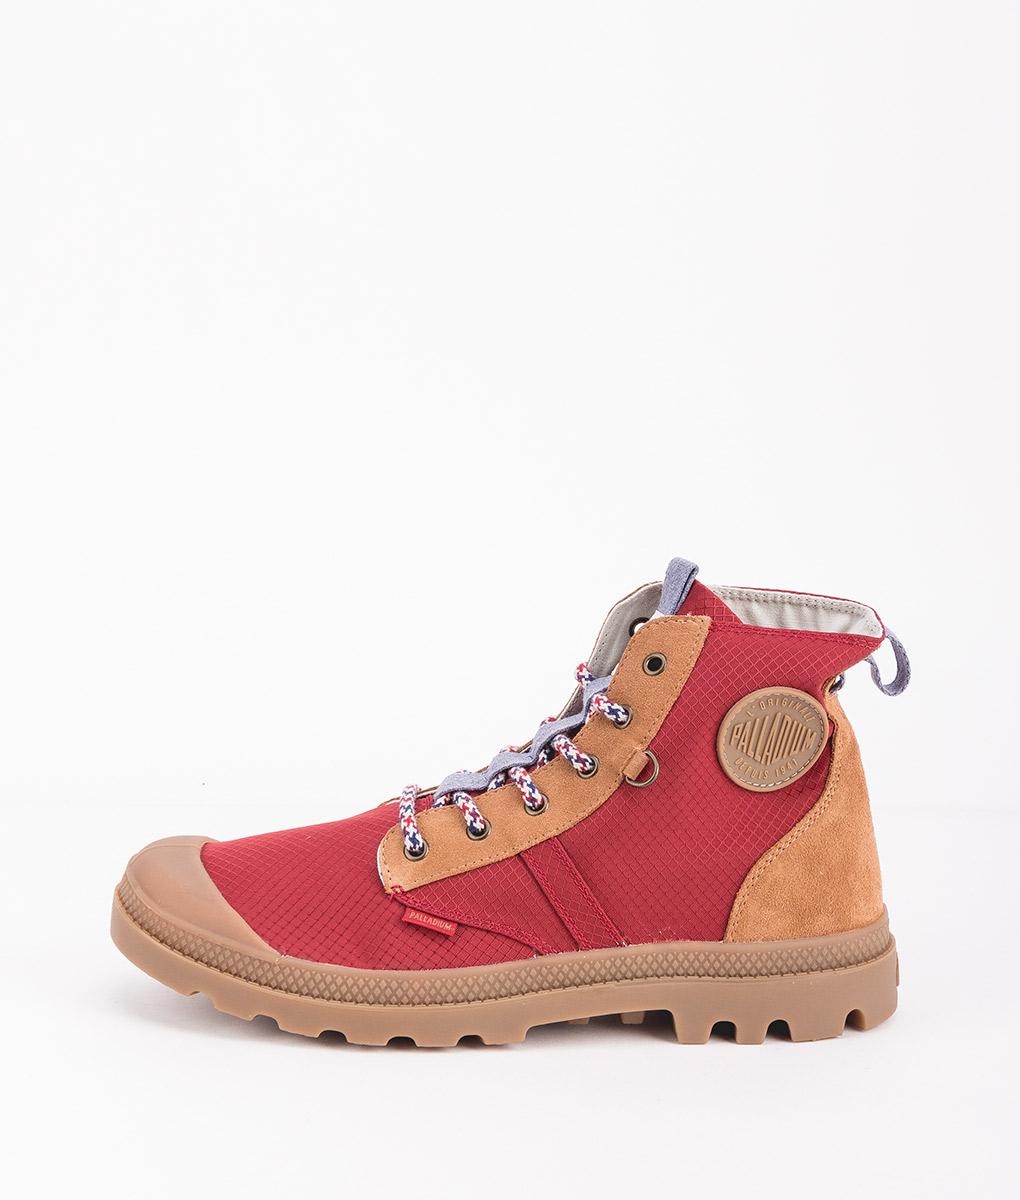 PALLADIUM Men Sneakers 75719 PALLABROUSE RETRO, Chilli Peper Brown 99.99